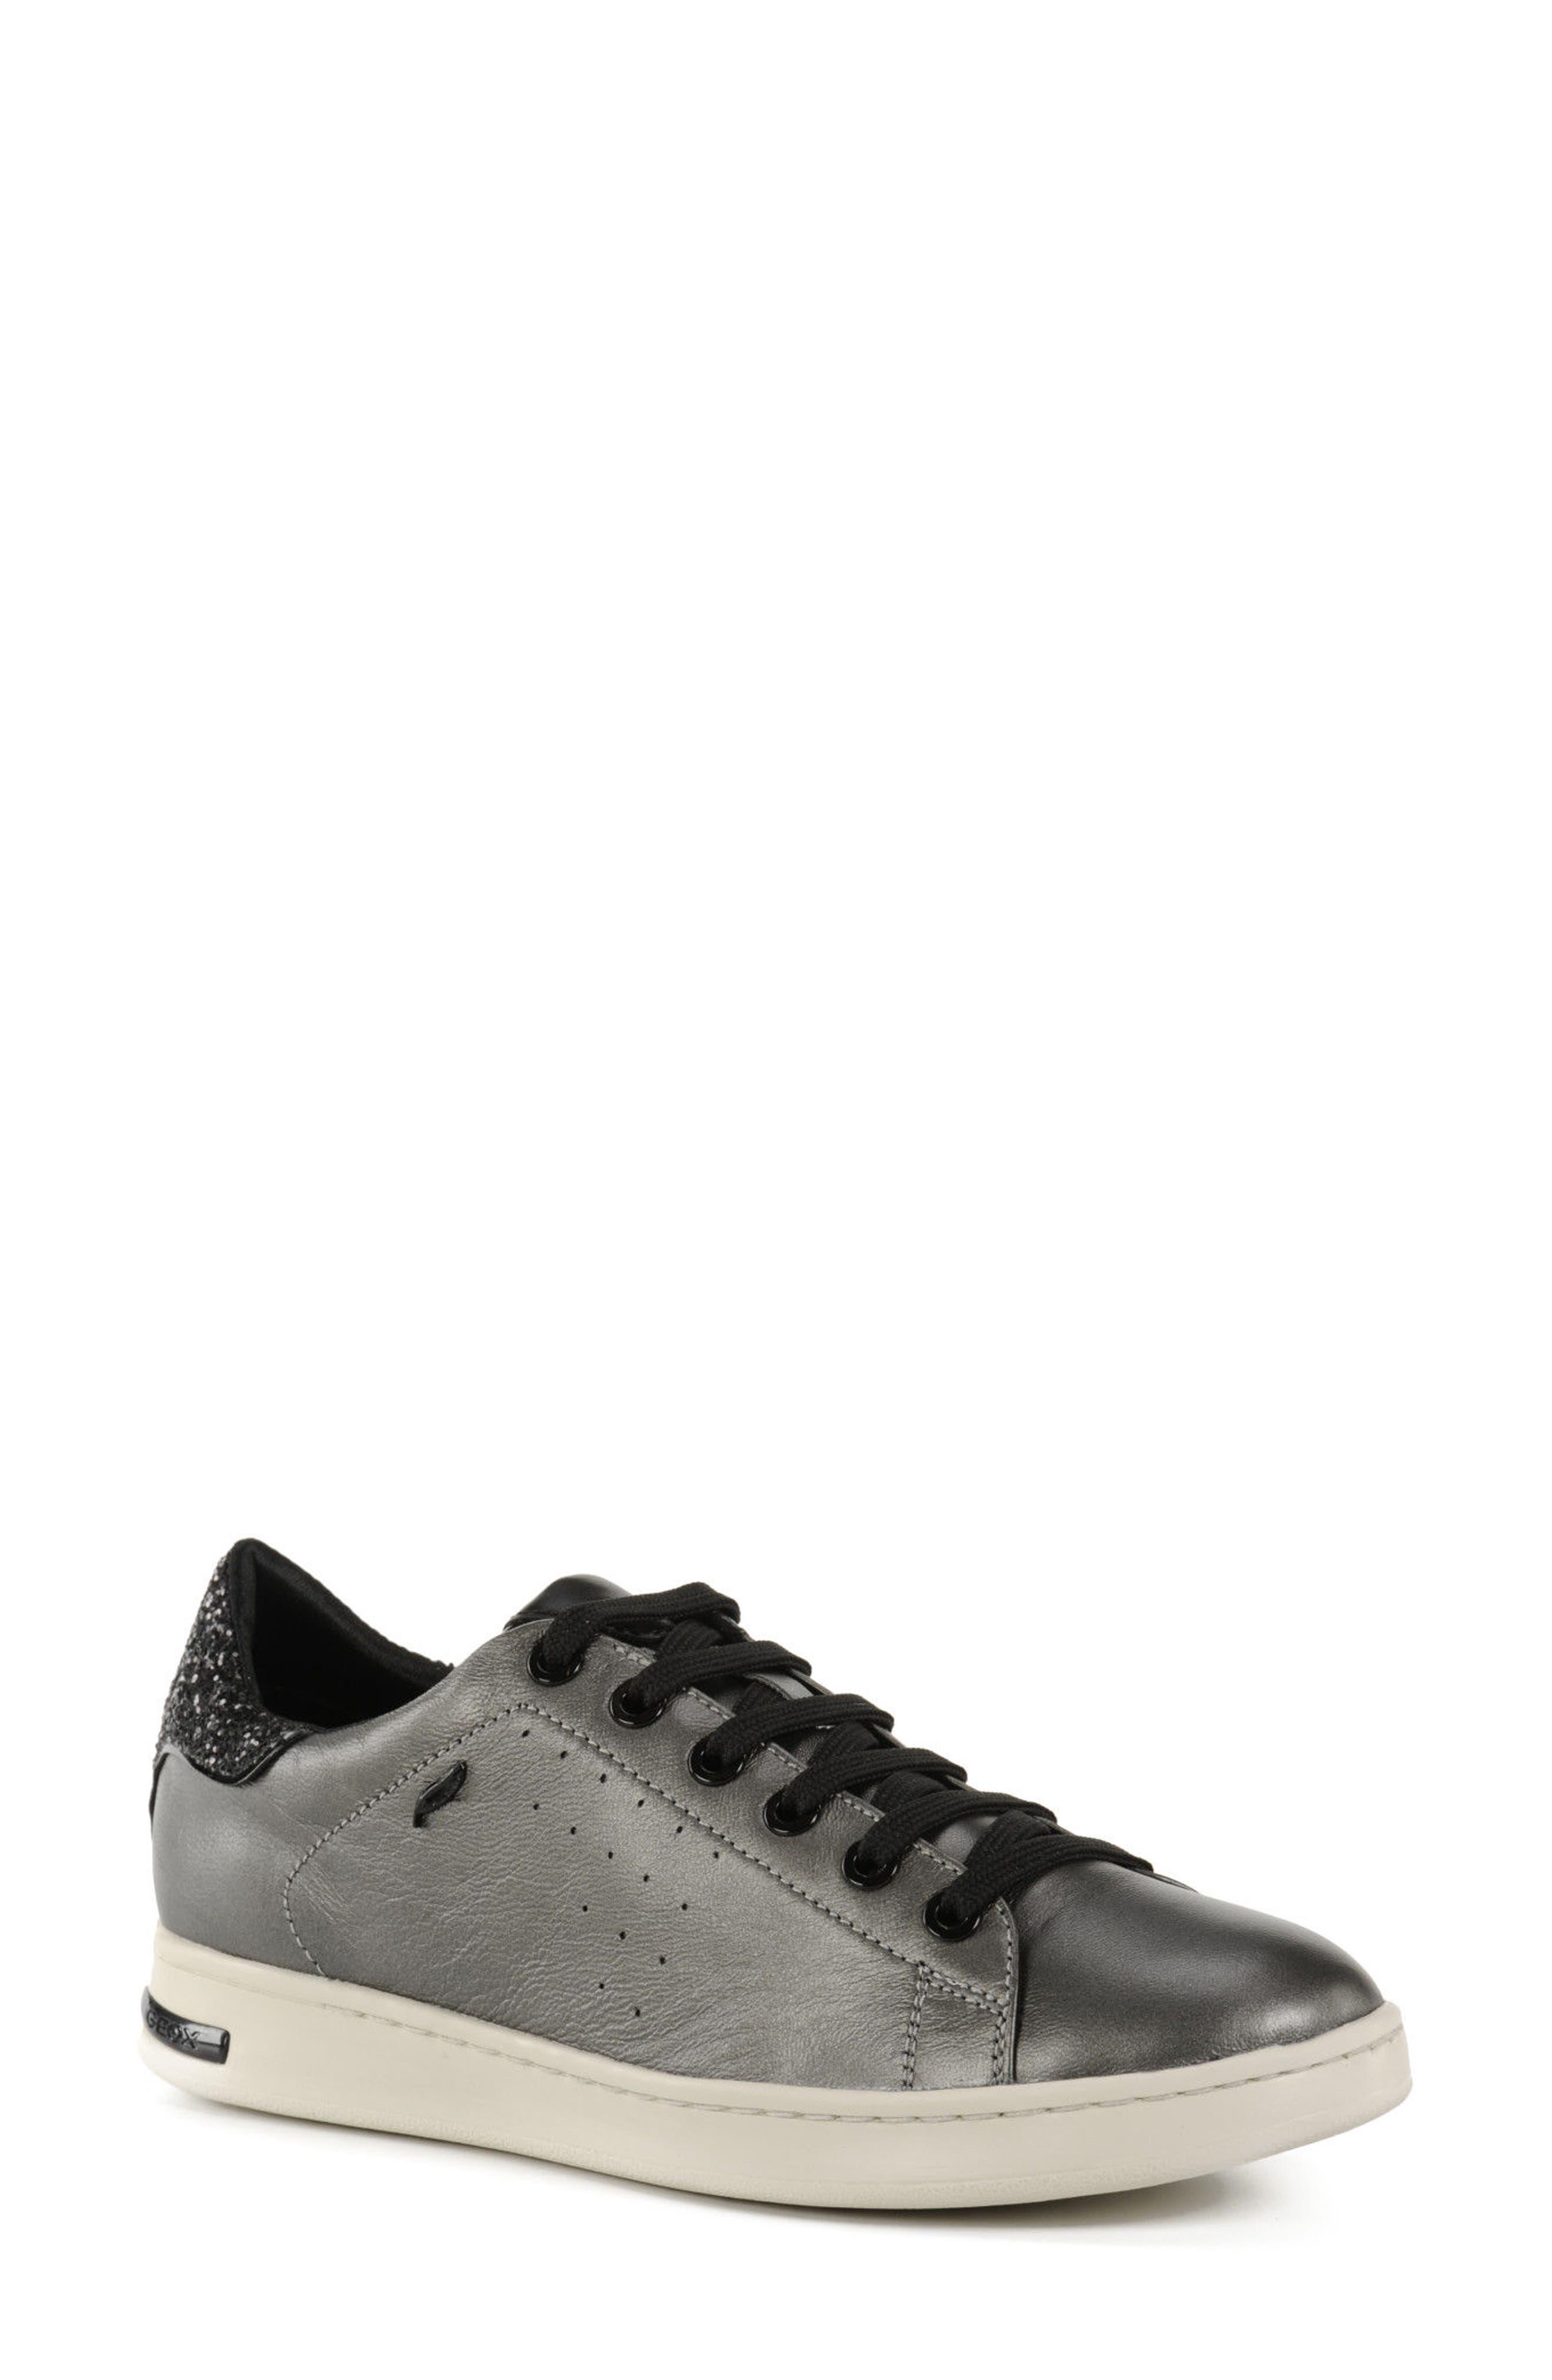 Main Image - Geox 'Jaysen' Sneaker (Women)